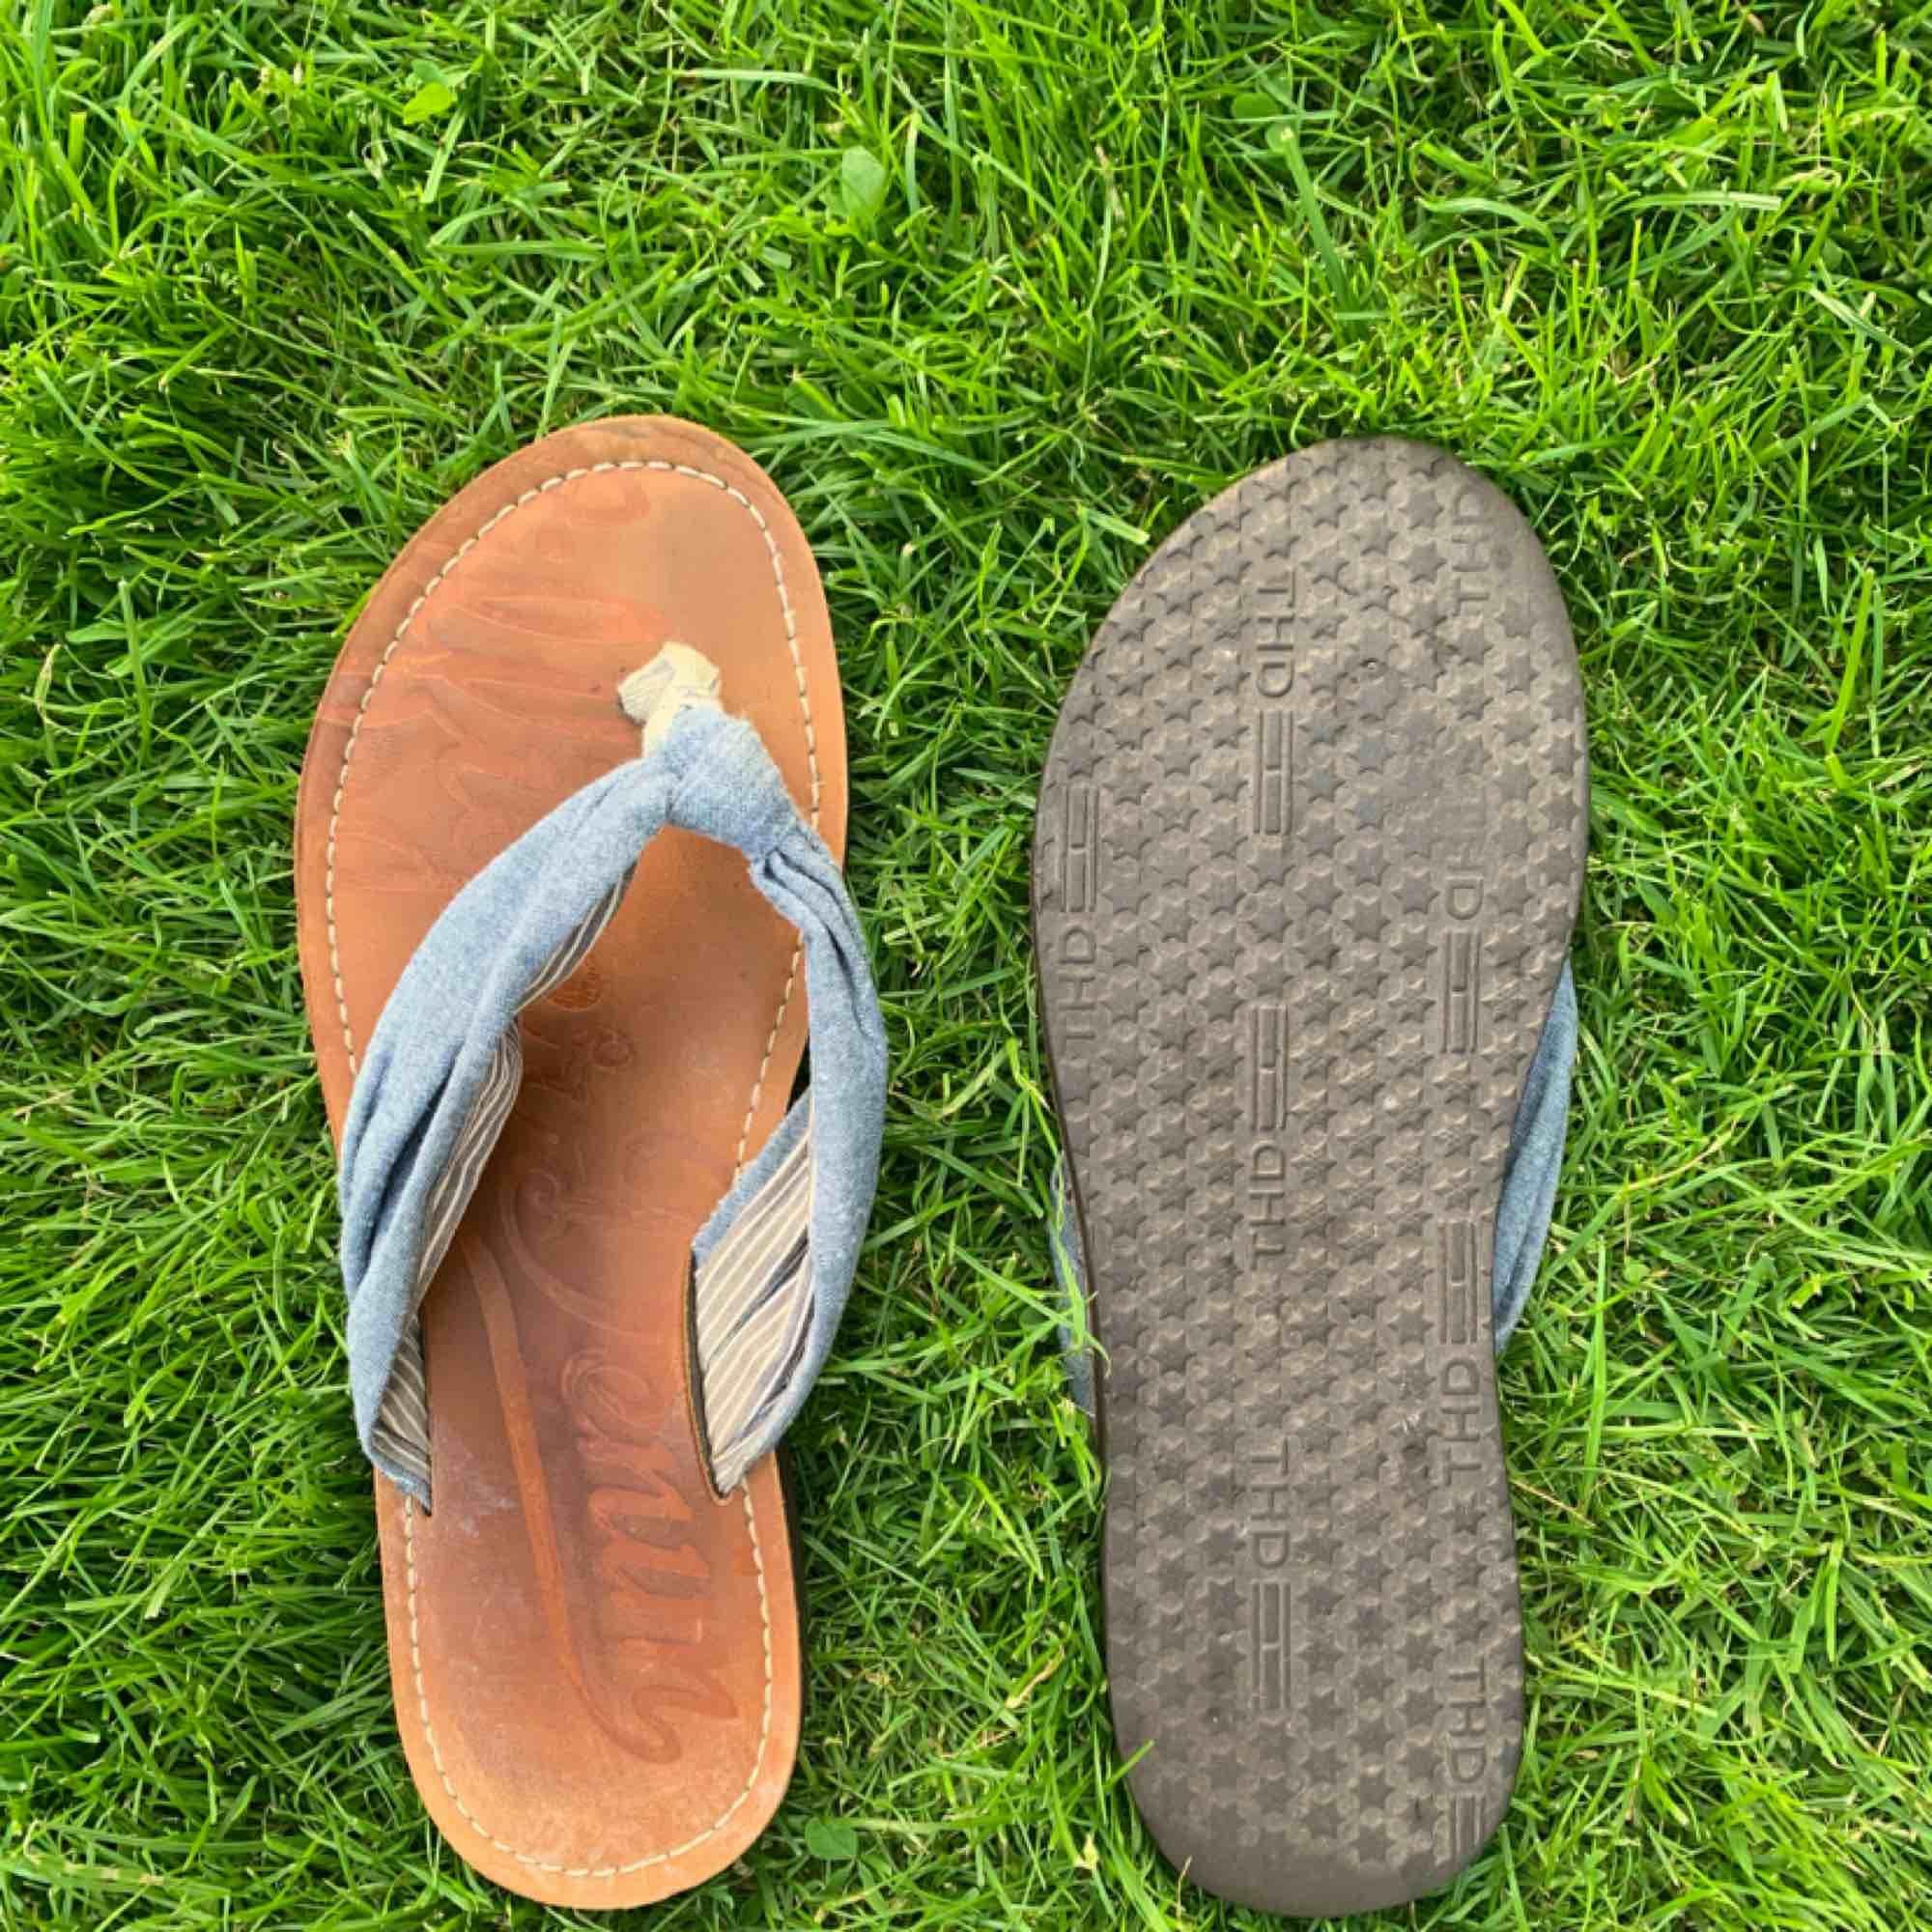 fina tommy hilfiger sandaler i använt skick, dock inga märkvärdiga slitningar. inköpa två år sedan på tommy butiken i Göteborg för 800kr. säljs pga används aldrig längre. i tyg och läder.. Skor.